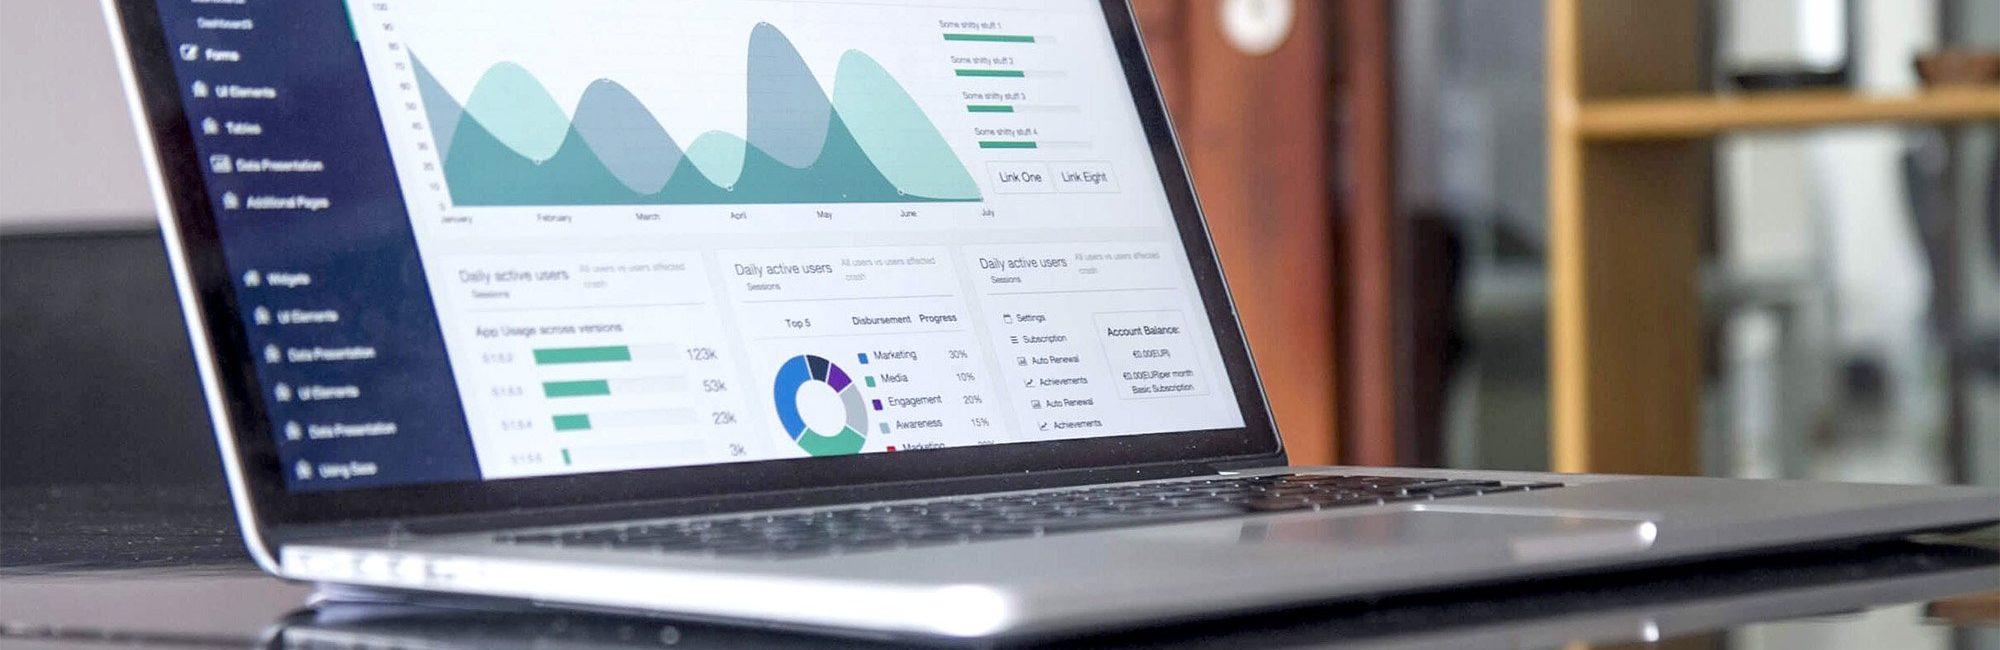 Suchmaschinenoptimierung mit Google Analytics